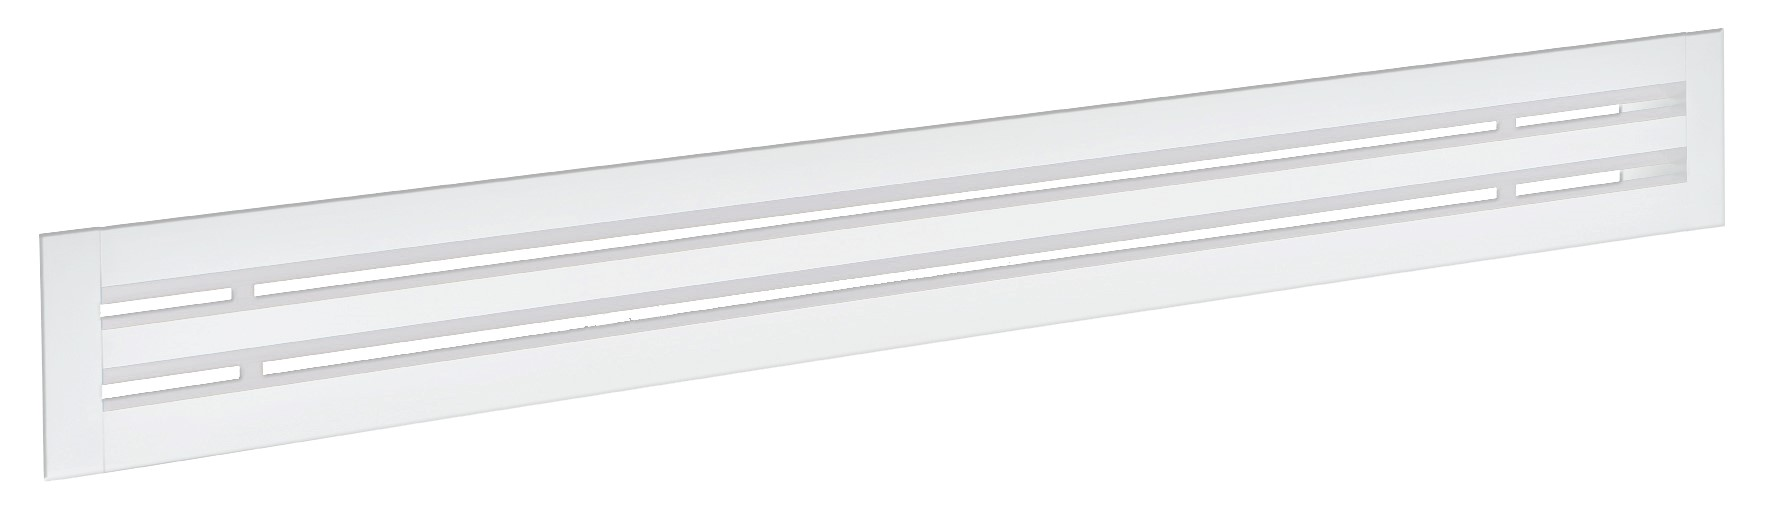 Diffusore lineare a feritoie Ral 9010 modello DLF20 deflettori Ral 9010 2 feritoie L=2000 mm